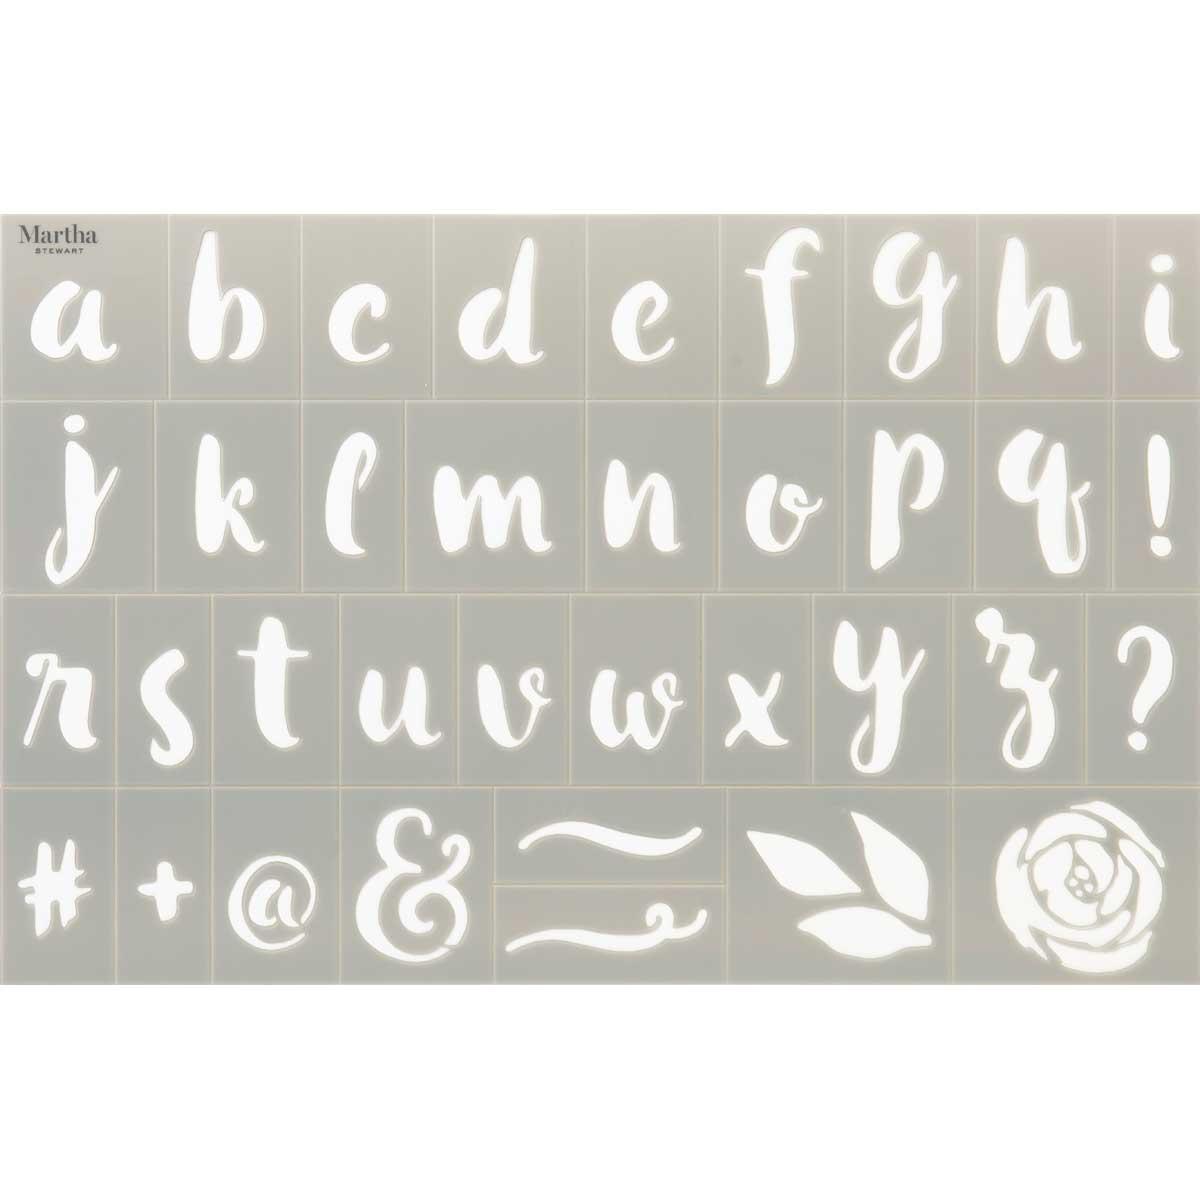 Martha Stewart ® Adhesive Stencil - Alphabets - 17665